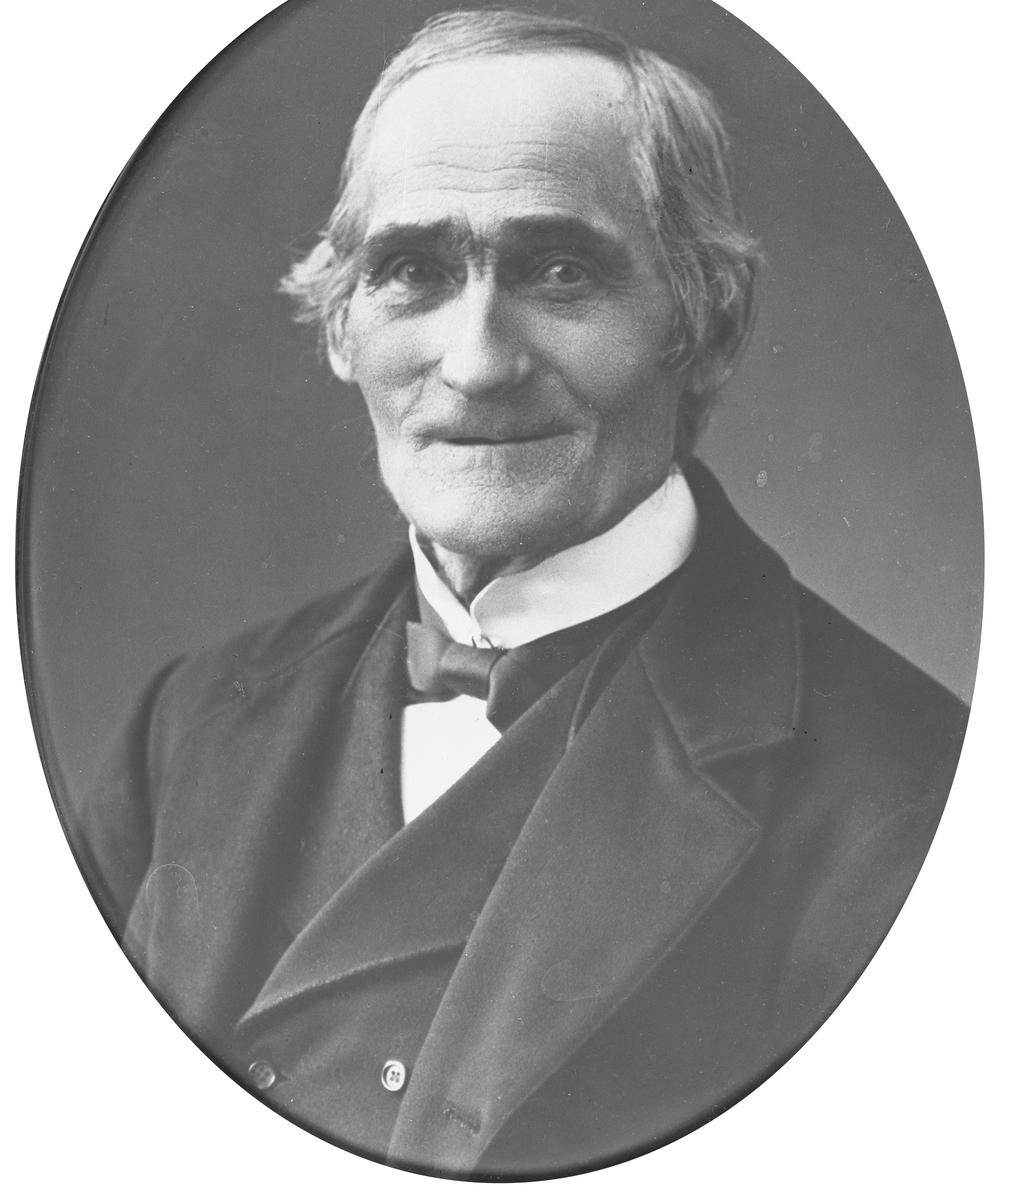 Portrett av Julius Sundby (1860 - 1940)